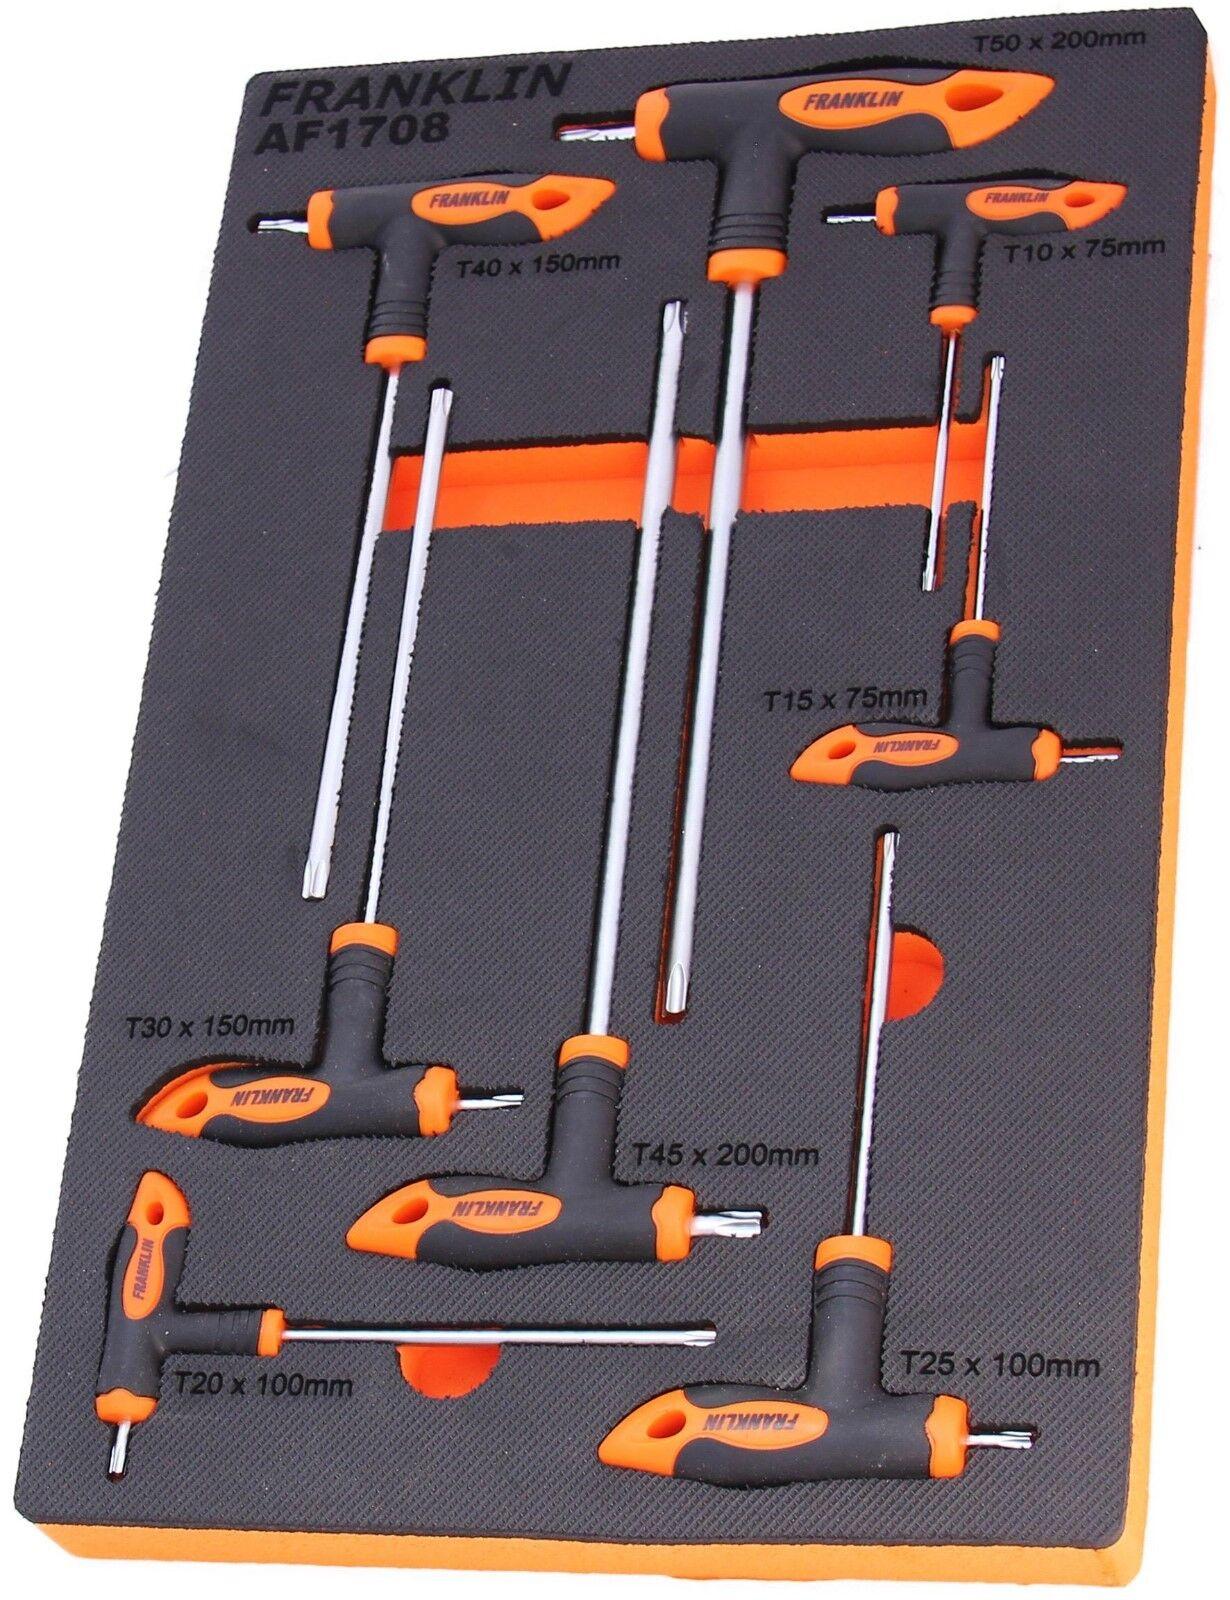 Franklin Tools 8 Piece T-Handle Torx Star Key Set T10 - T50 in EVA Foam AF1708